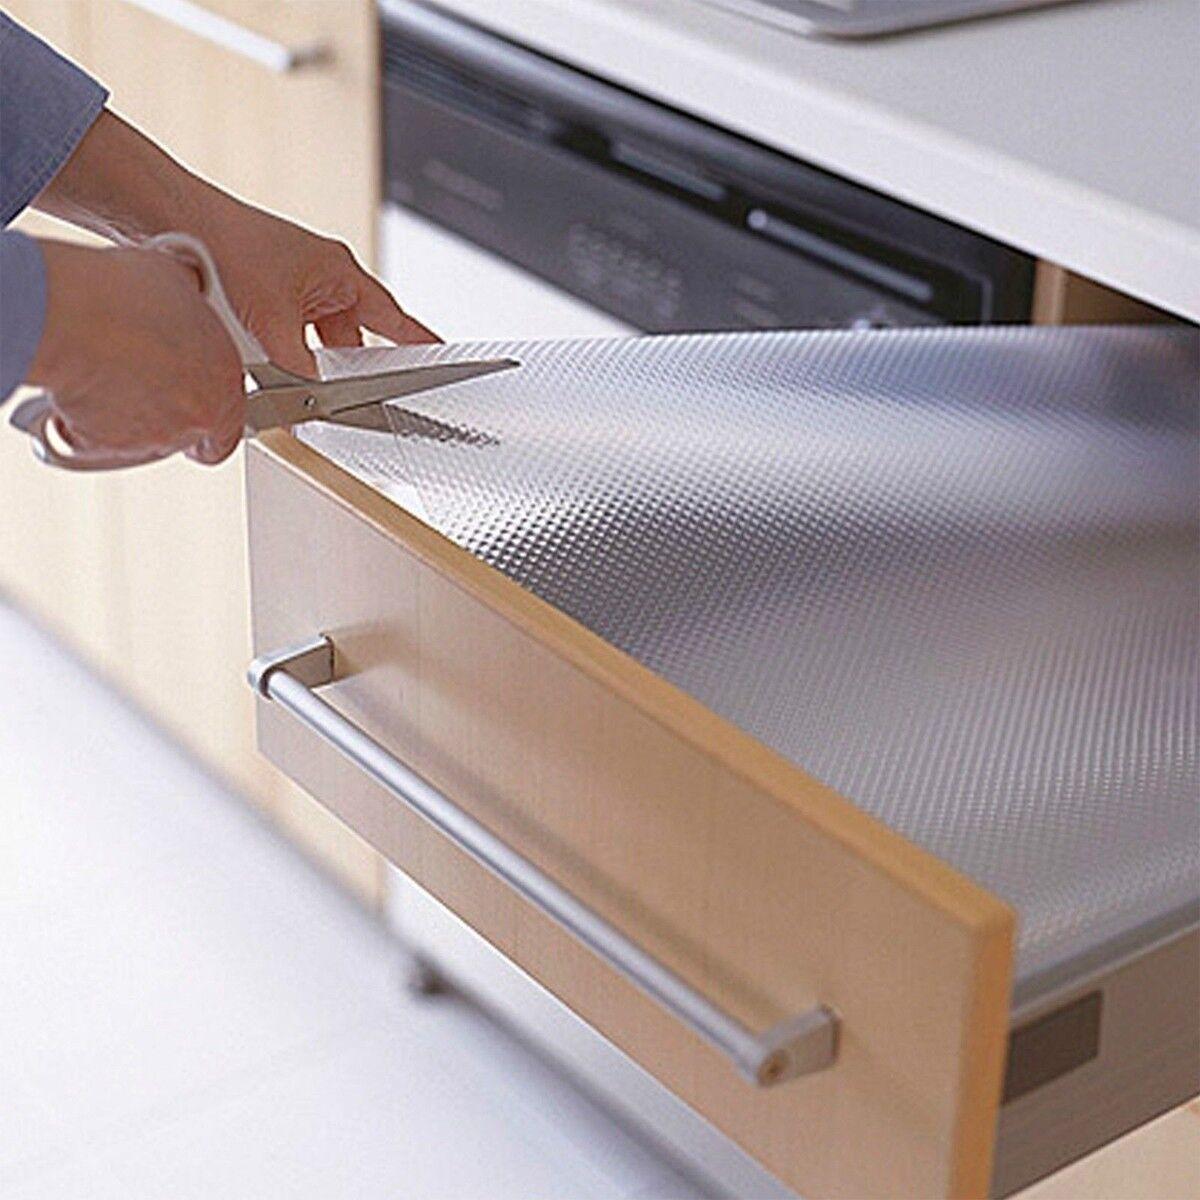 Schubladen Hängeregal verchromt Neu 4501 Einhängekorb ideal für Türen